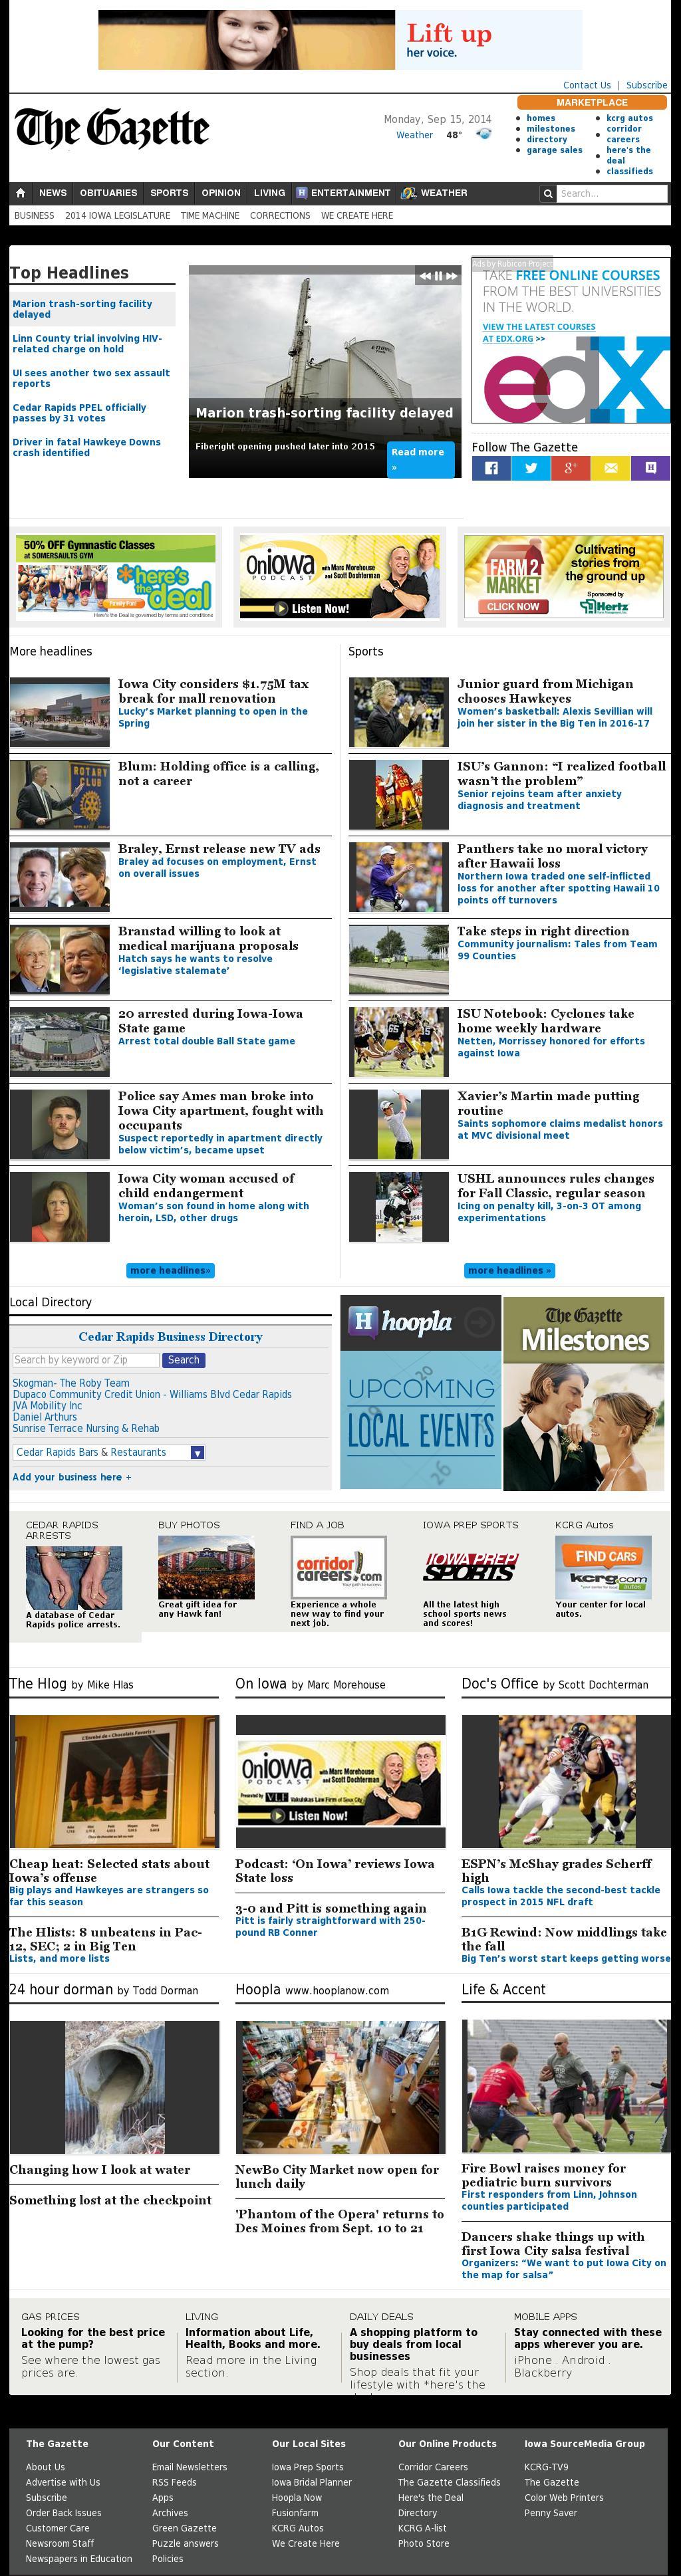 The (Cedar Rapids) Gazette at Tuesday Sept. 16, 2014, 5:05 a.m. UTC